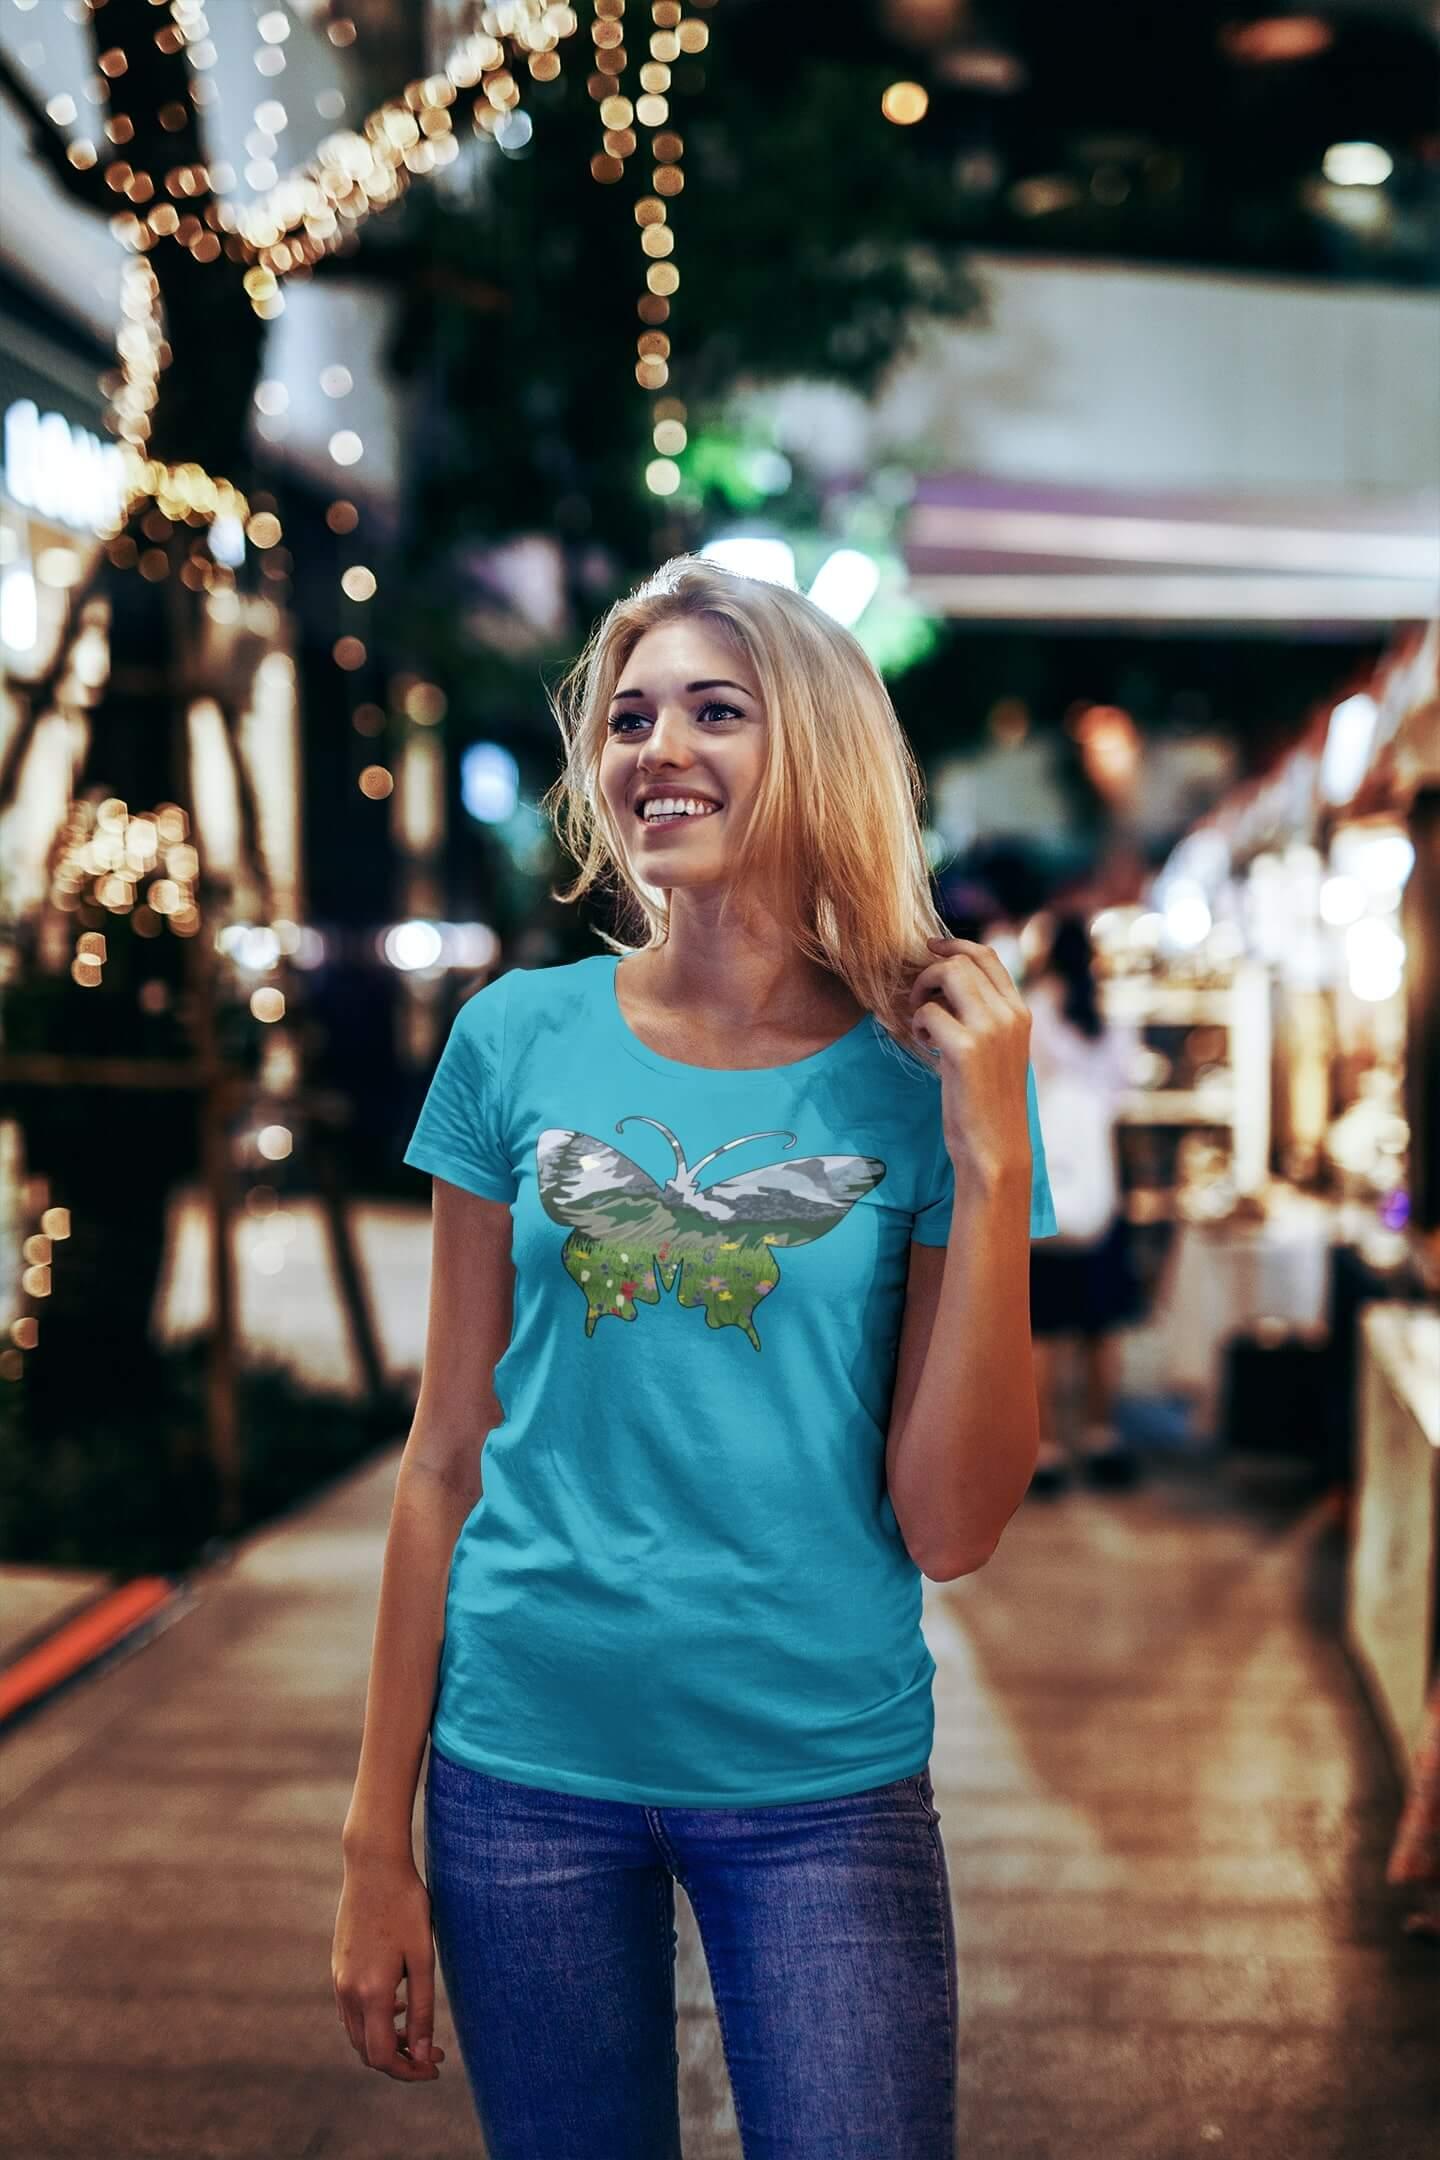 MMO Dámske tričko Motýľ Vyberte farbu: Tyrkysová, Vyberte veľkosť: S